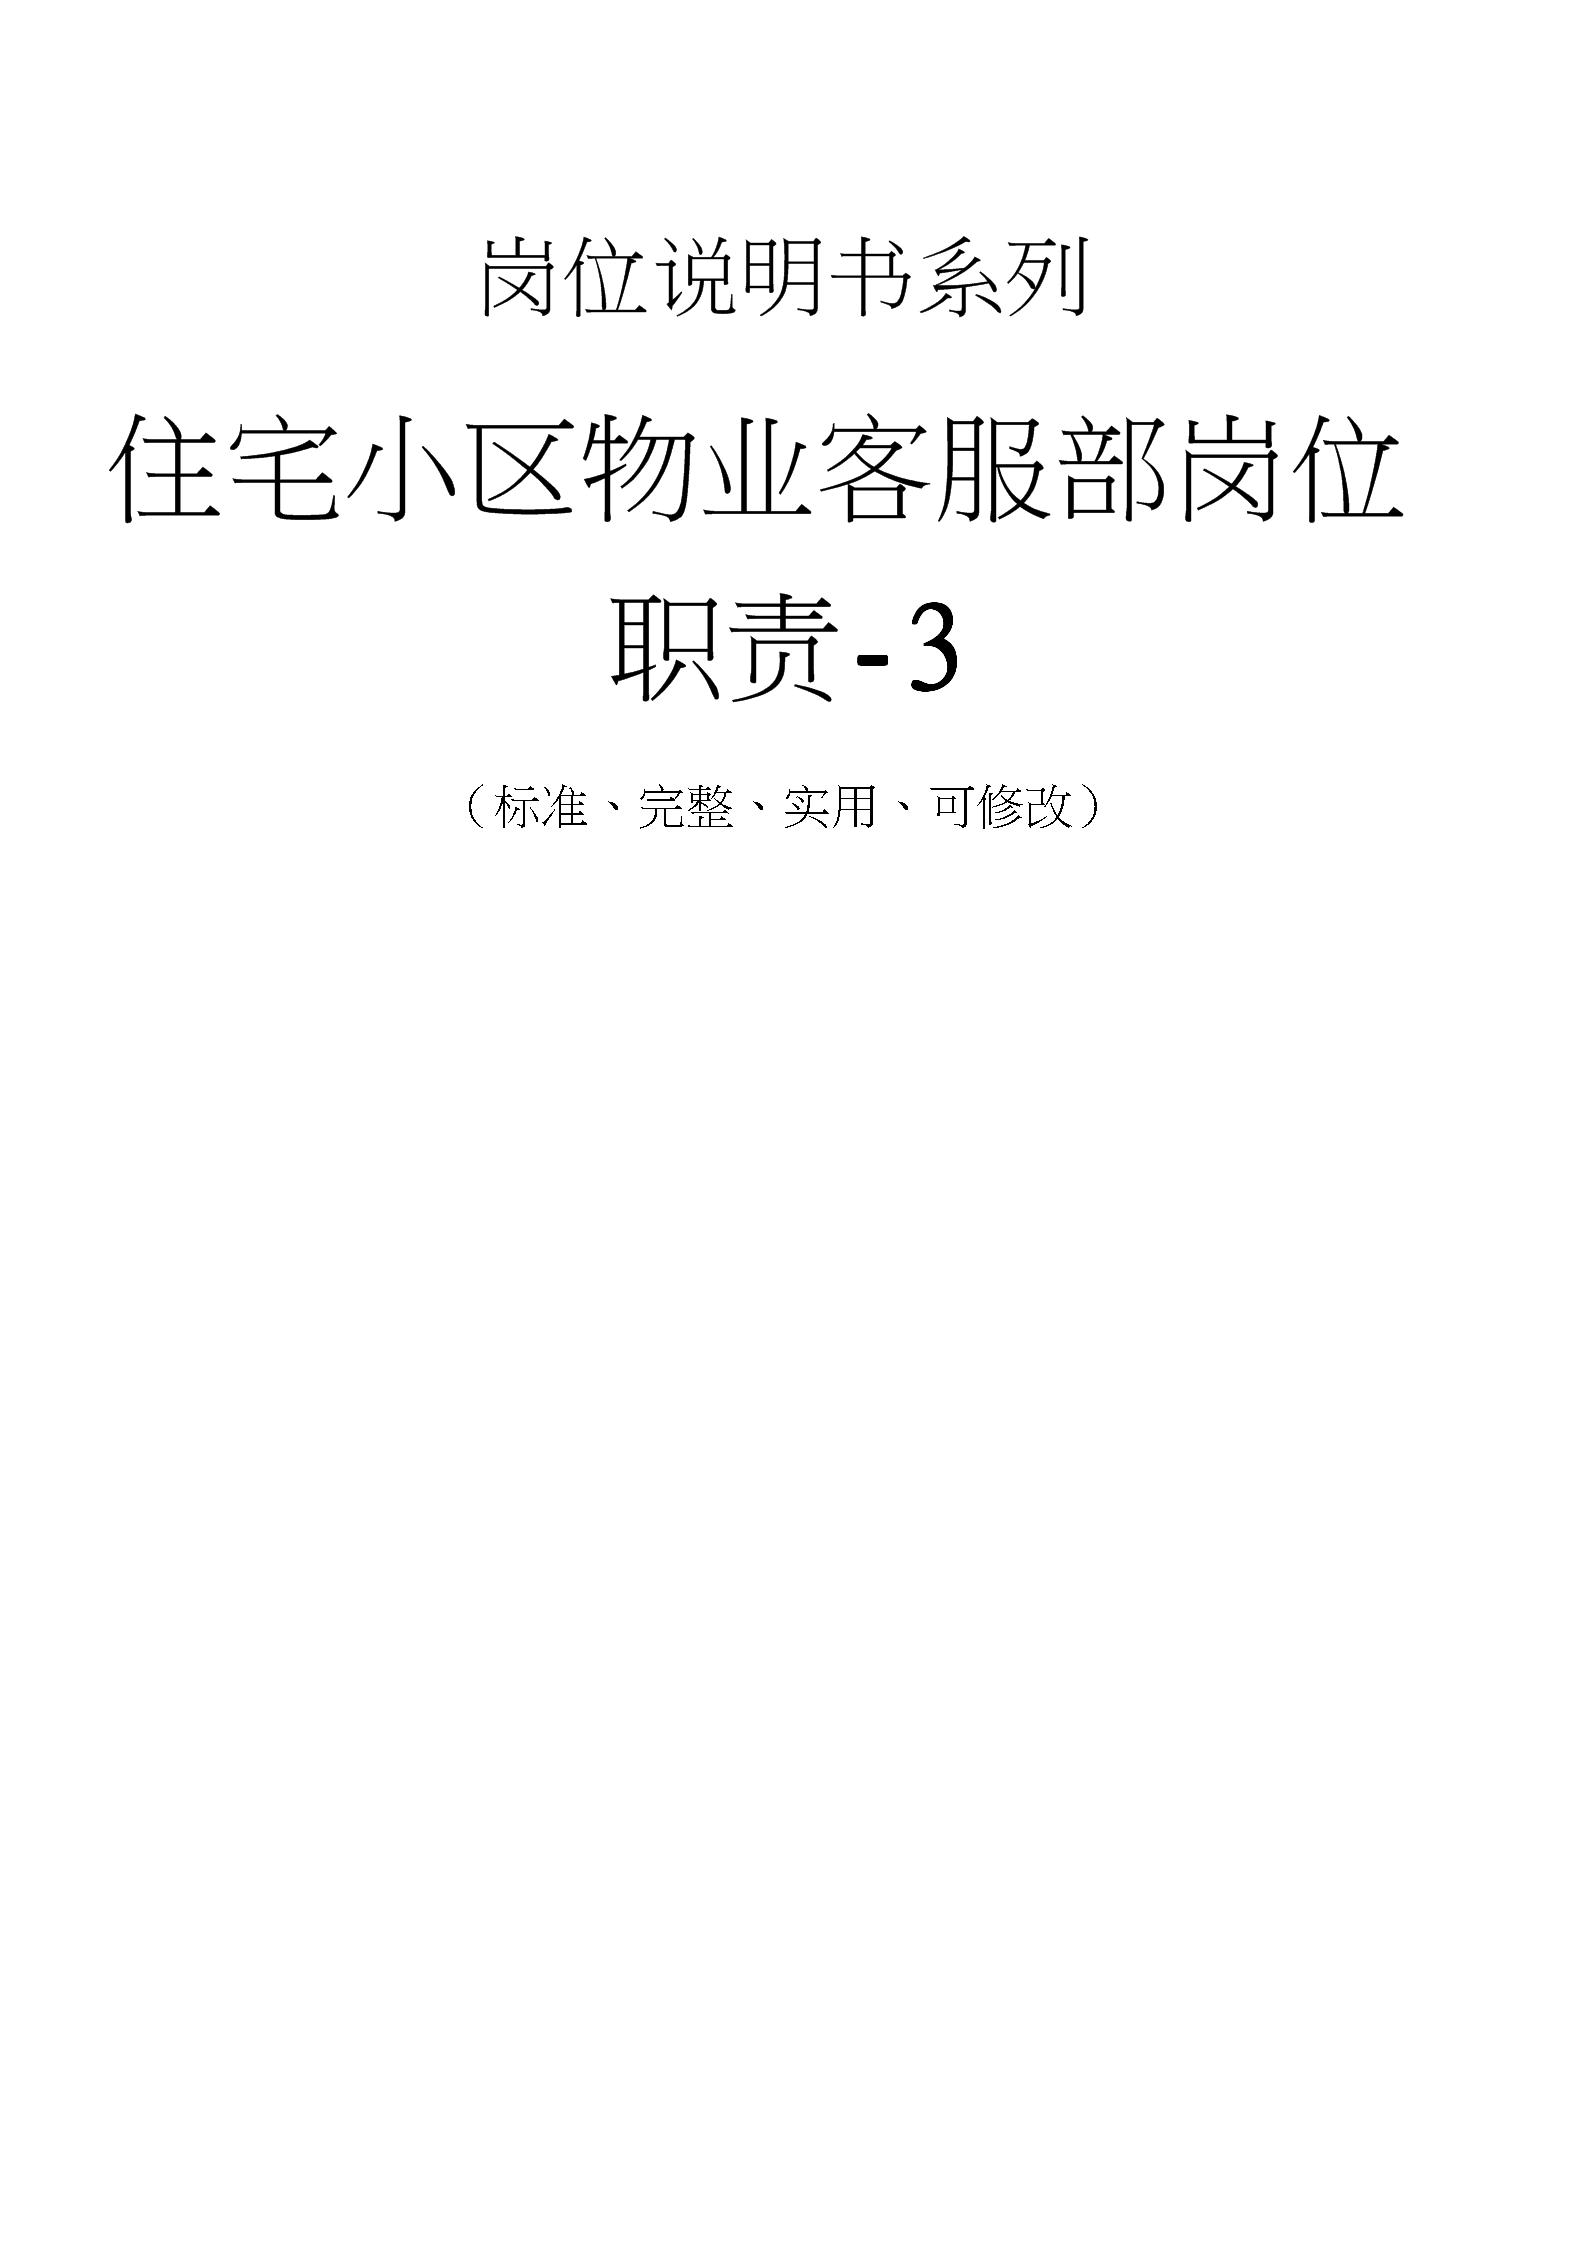 住宅小区物业客服部岗位职责-3.docx